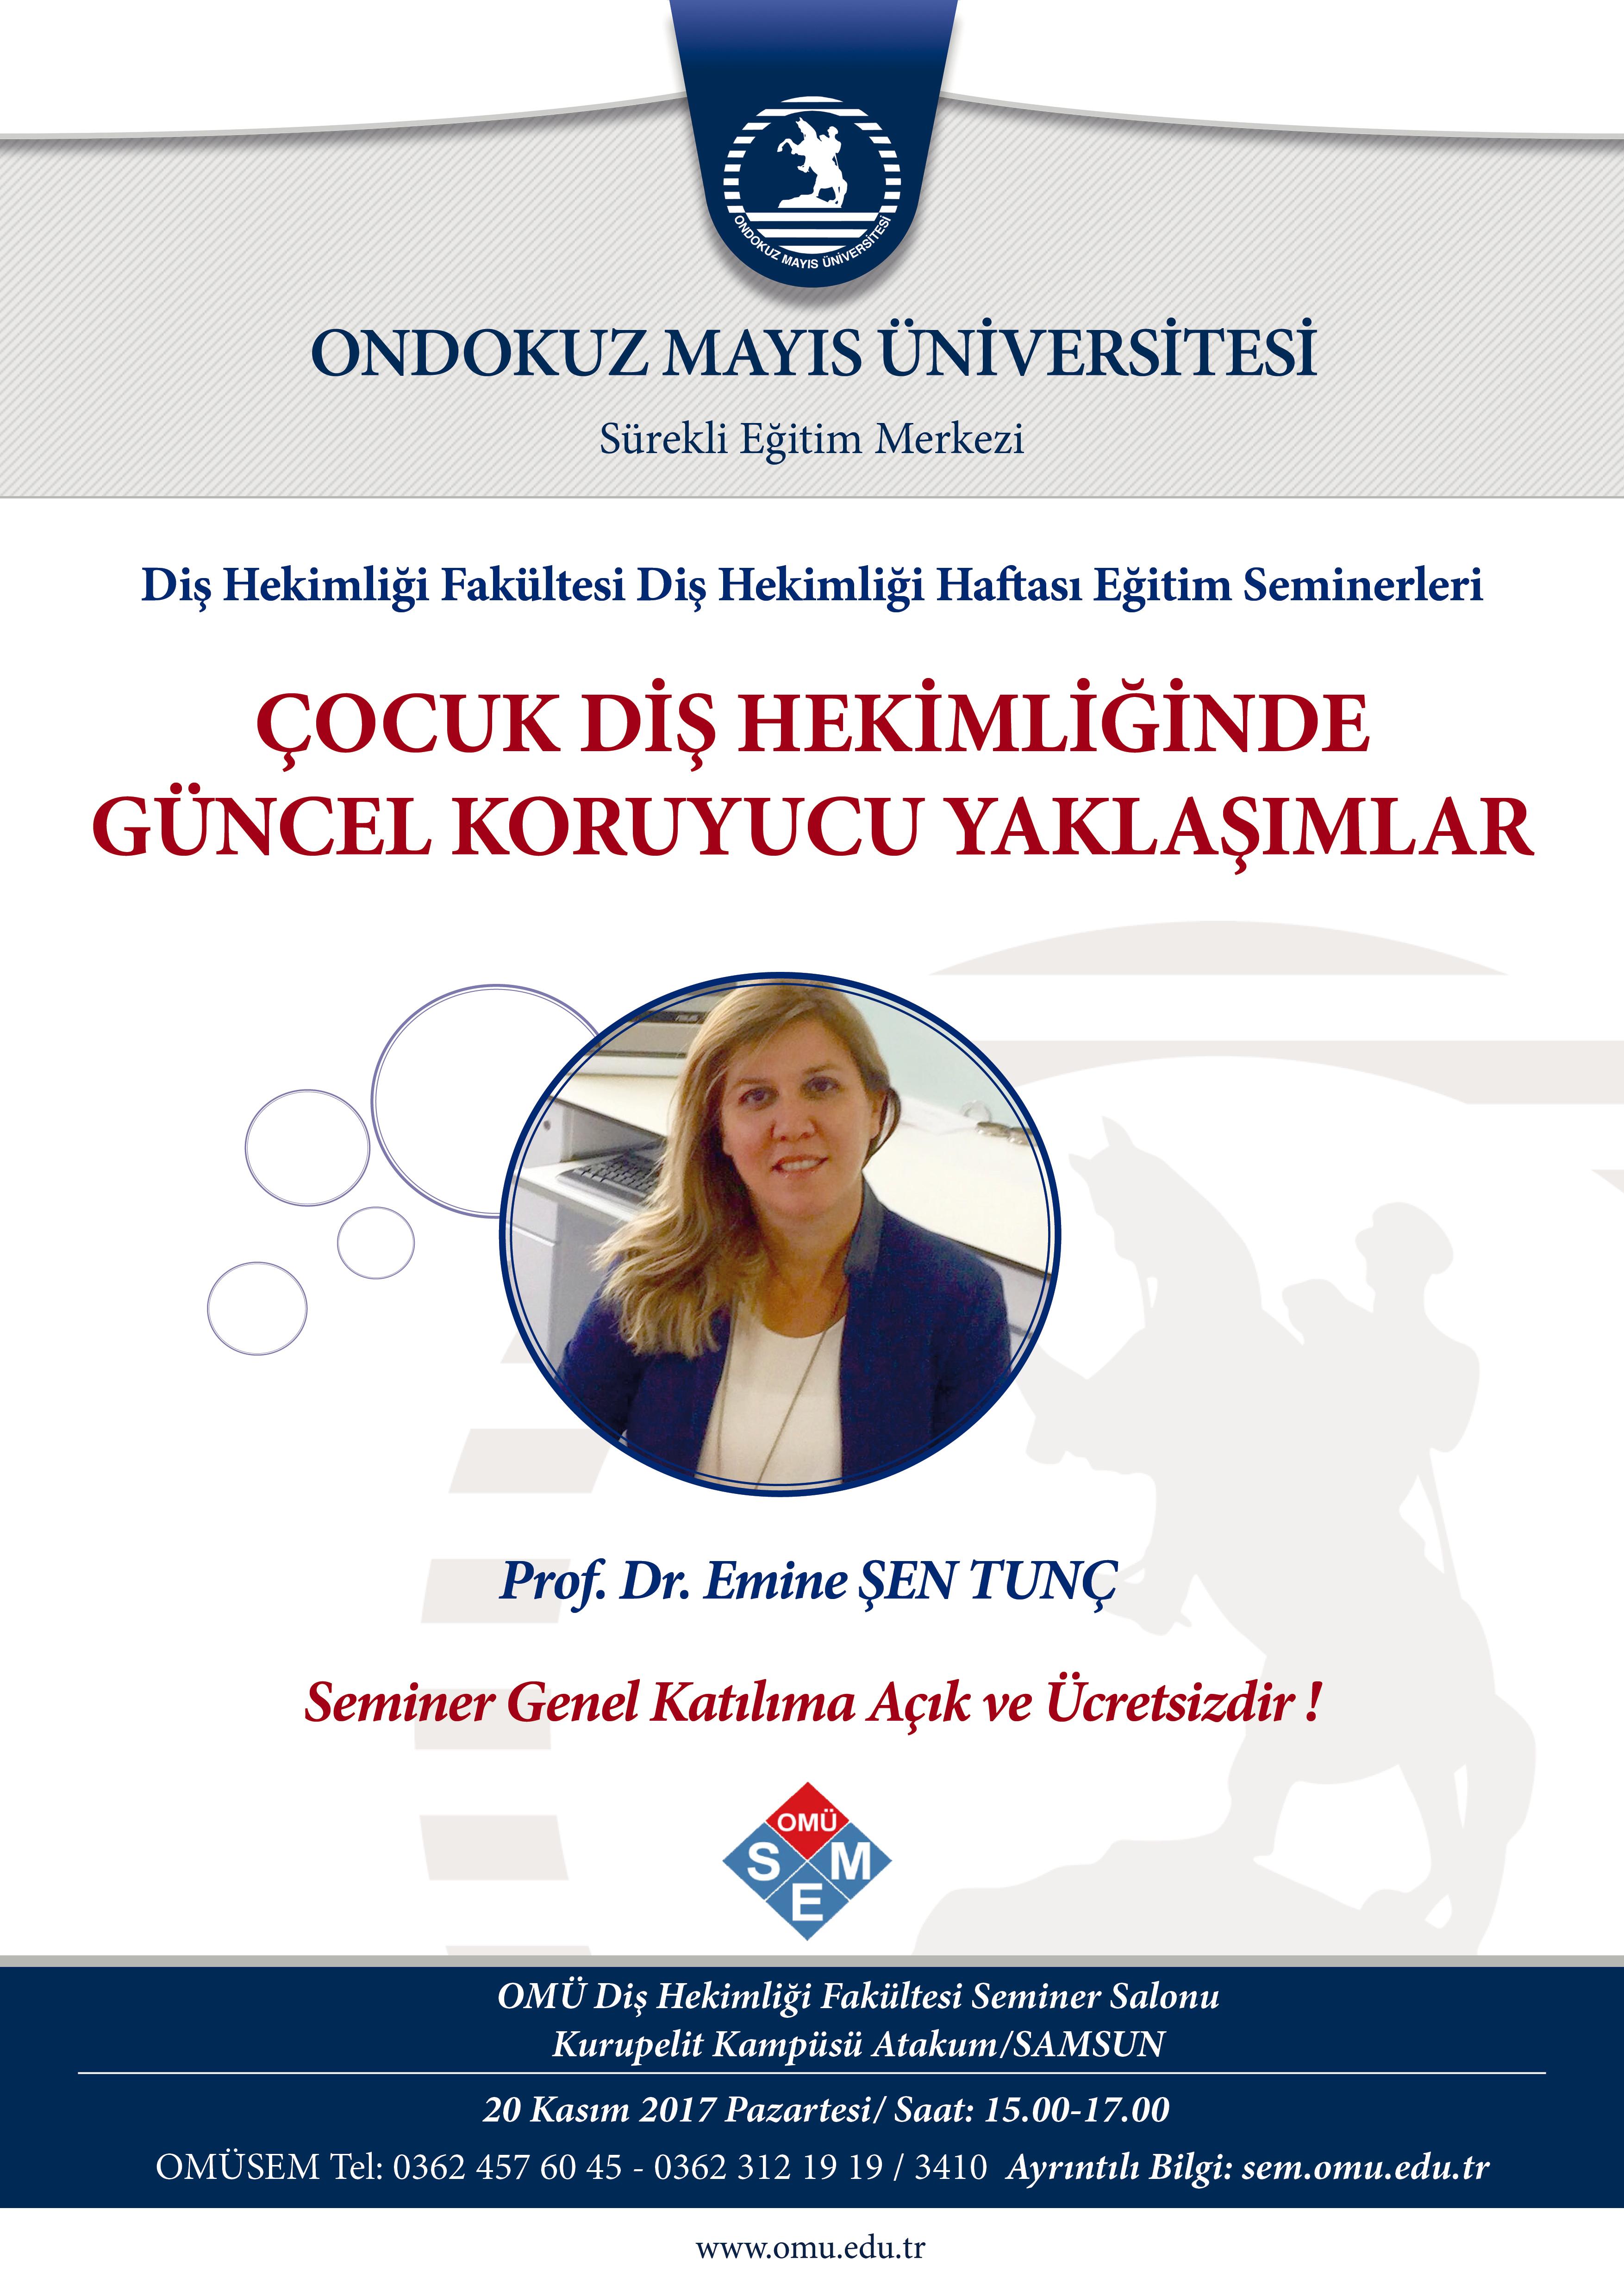 http://www.omu.edu.tr/sites/default/files/files/cocuk_dis_hekimliginde_guncel_koruyucu_yaklasimlar/dishekimiseminer021.jpg